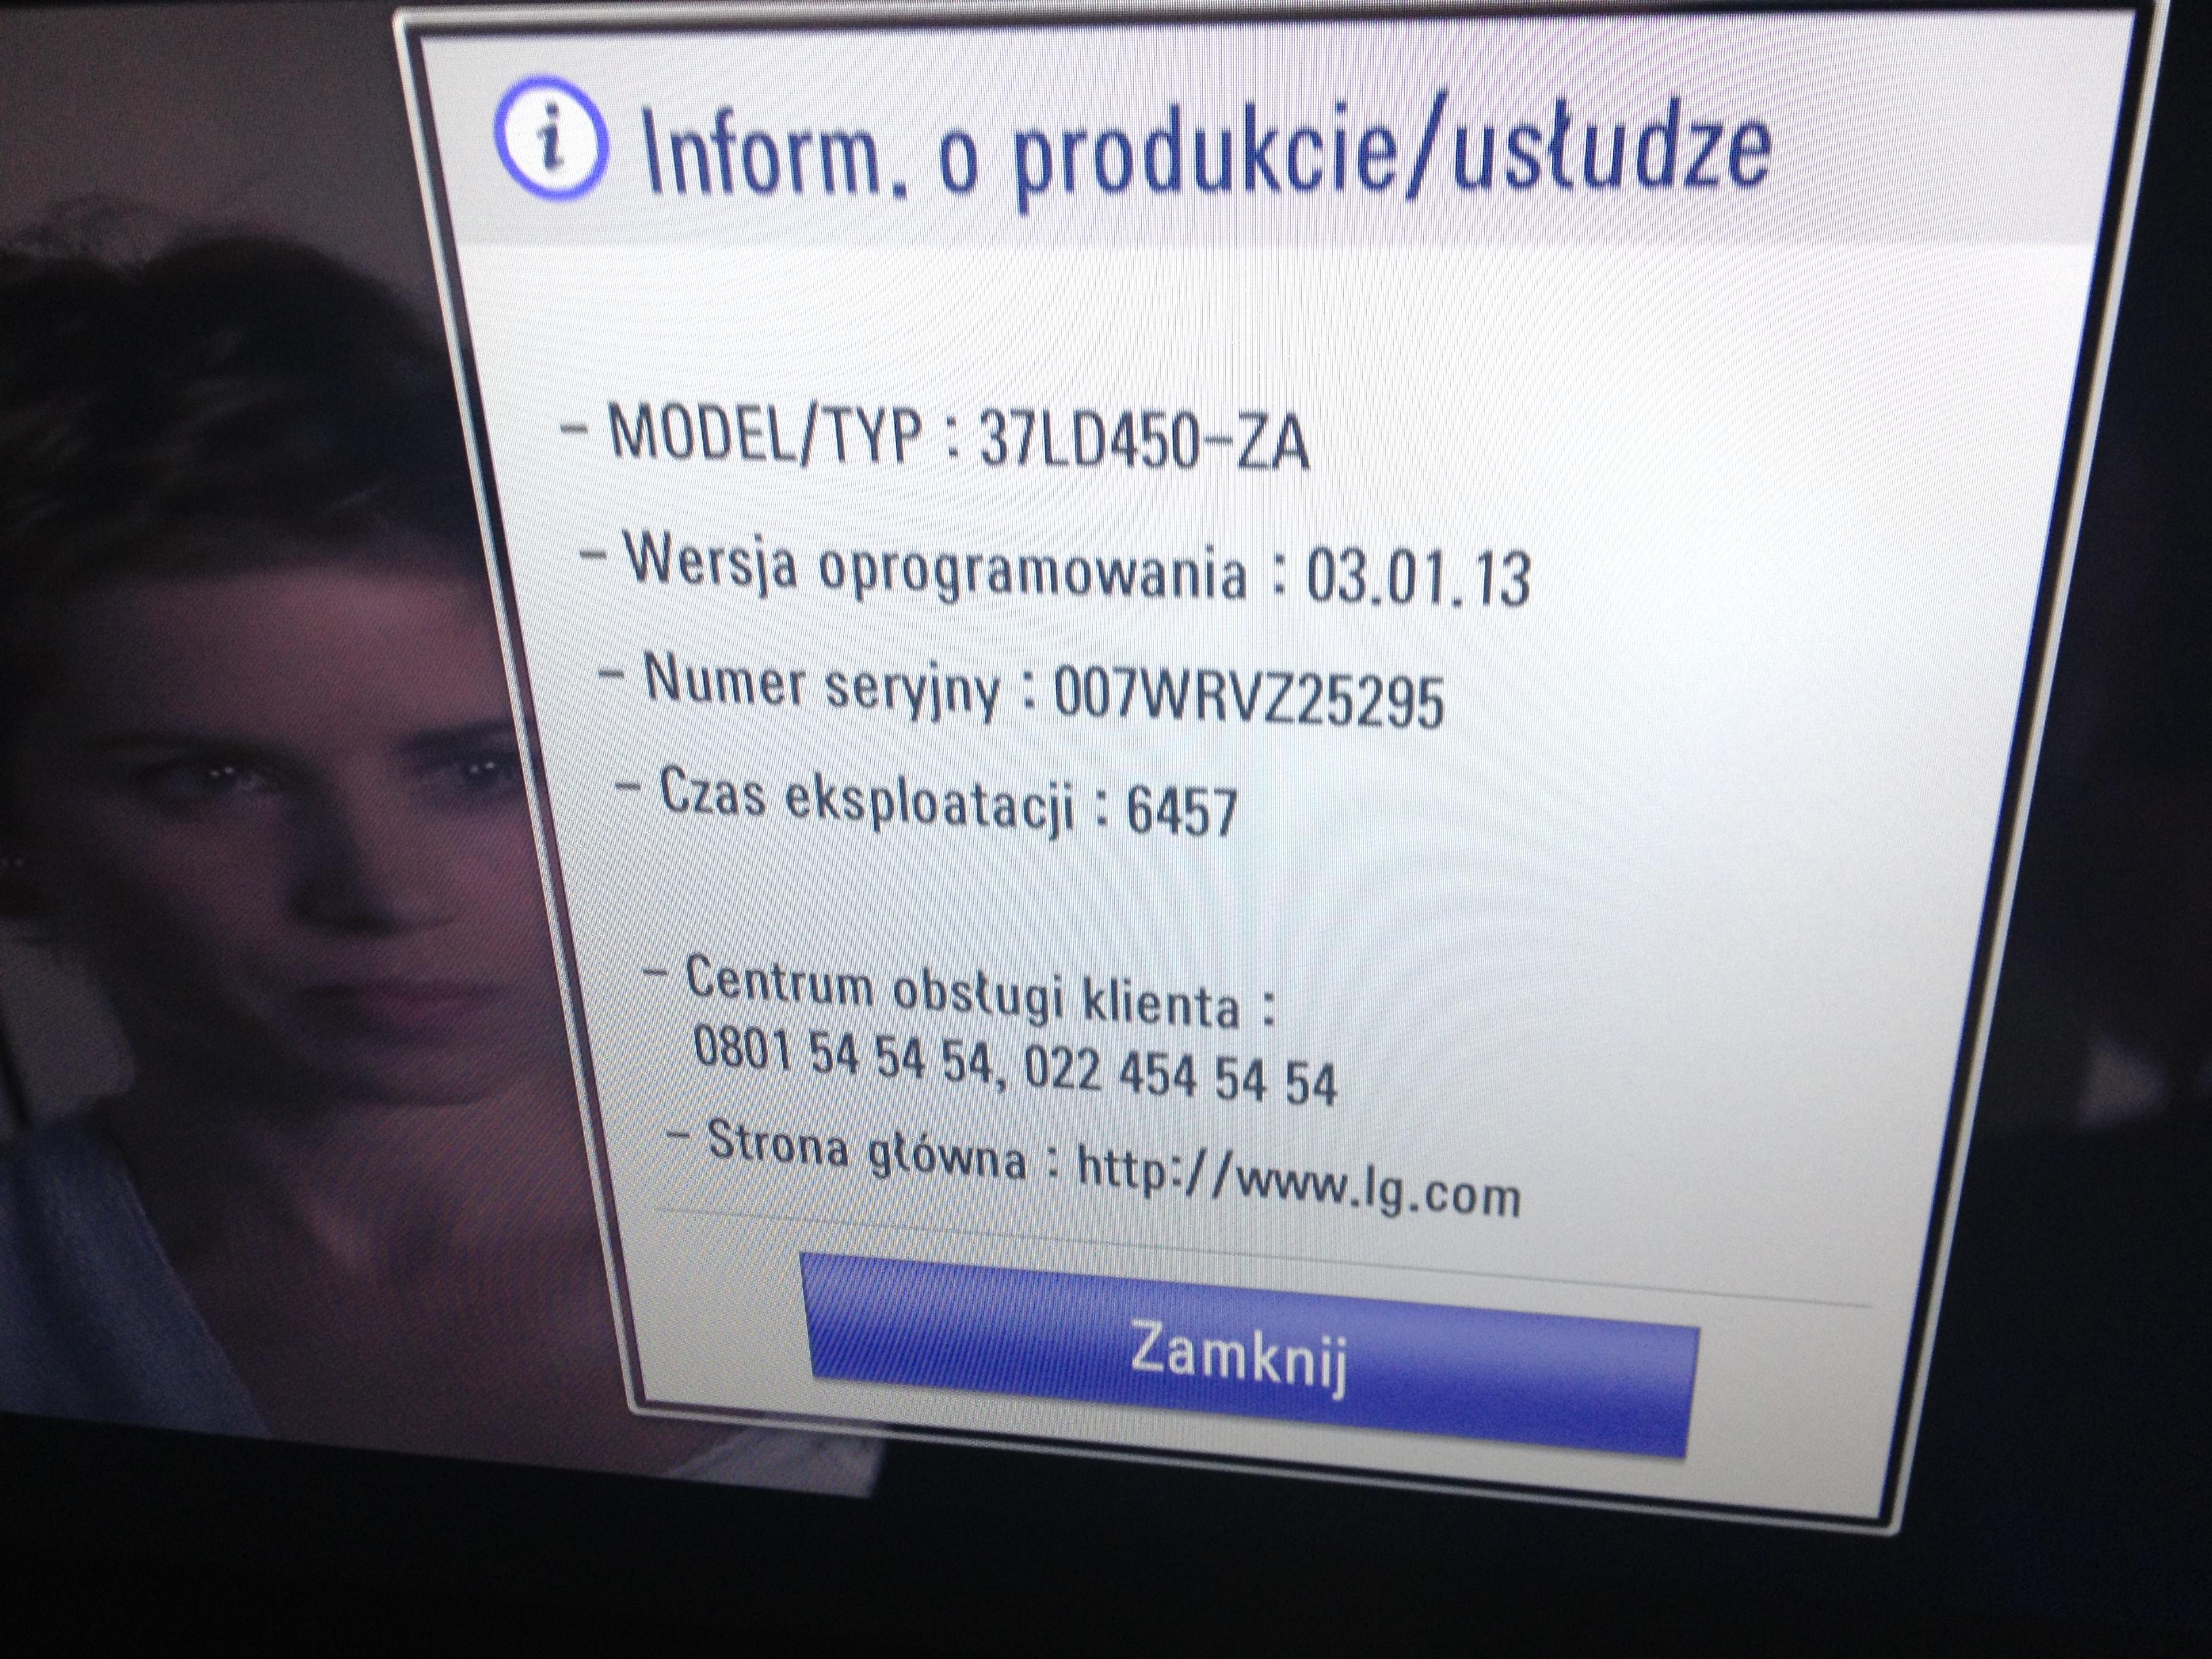 TV LG 37LD450-ZA Kilka pyta�